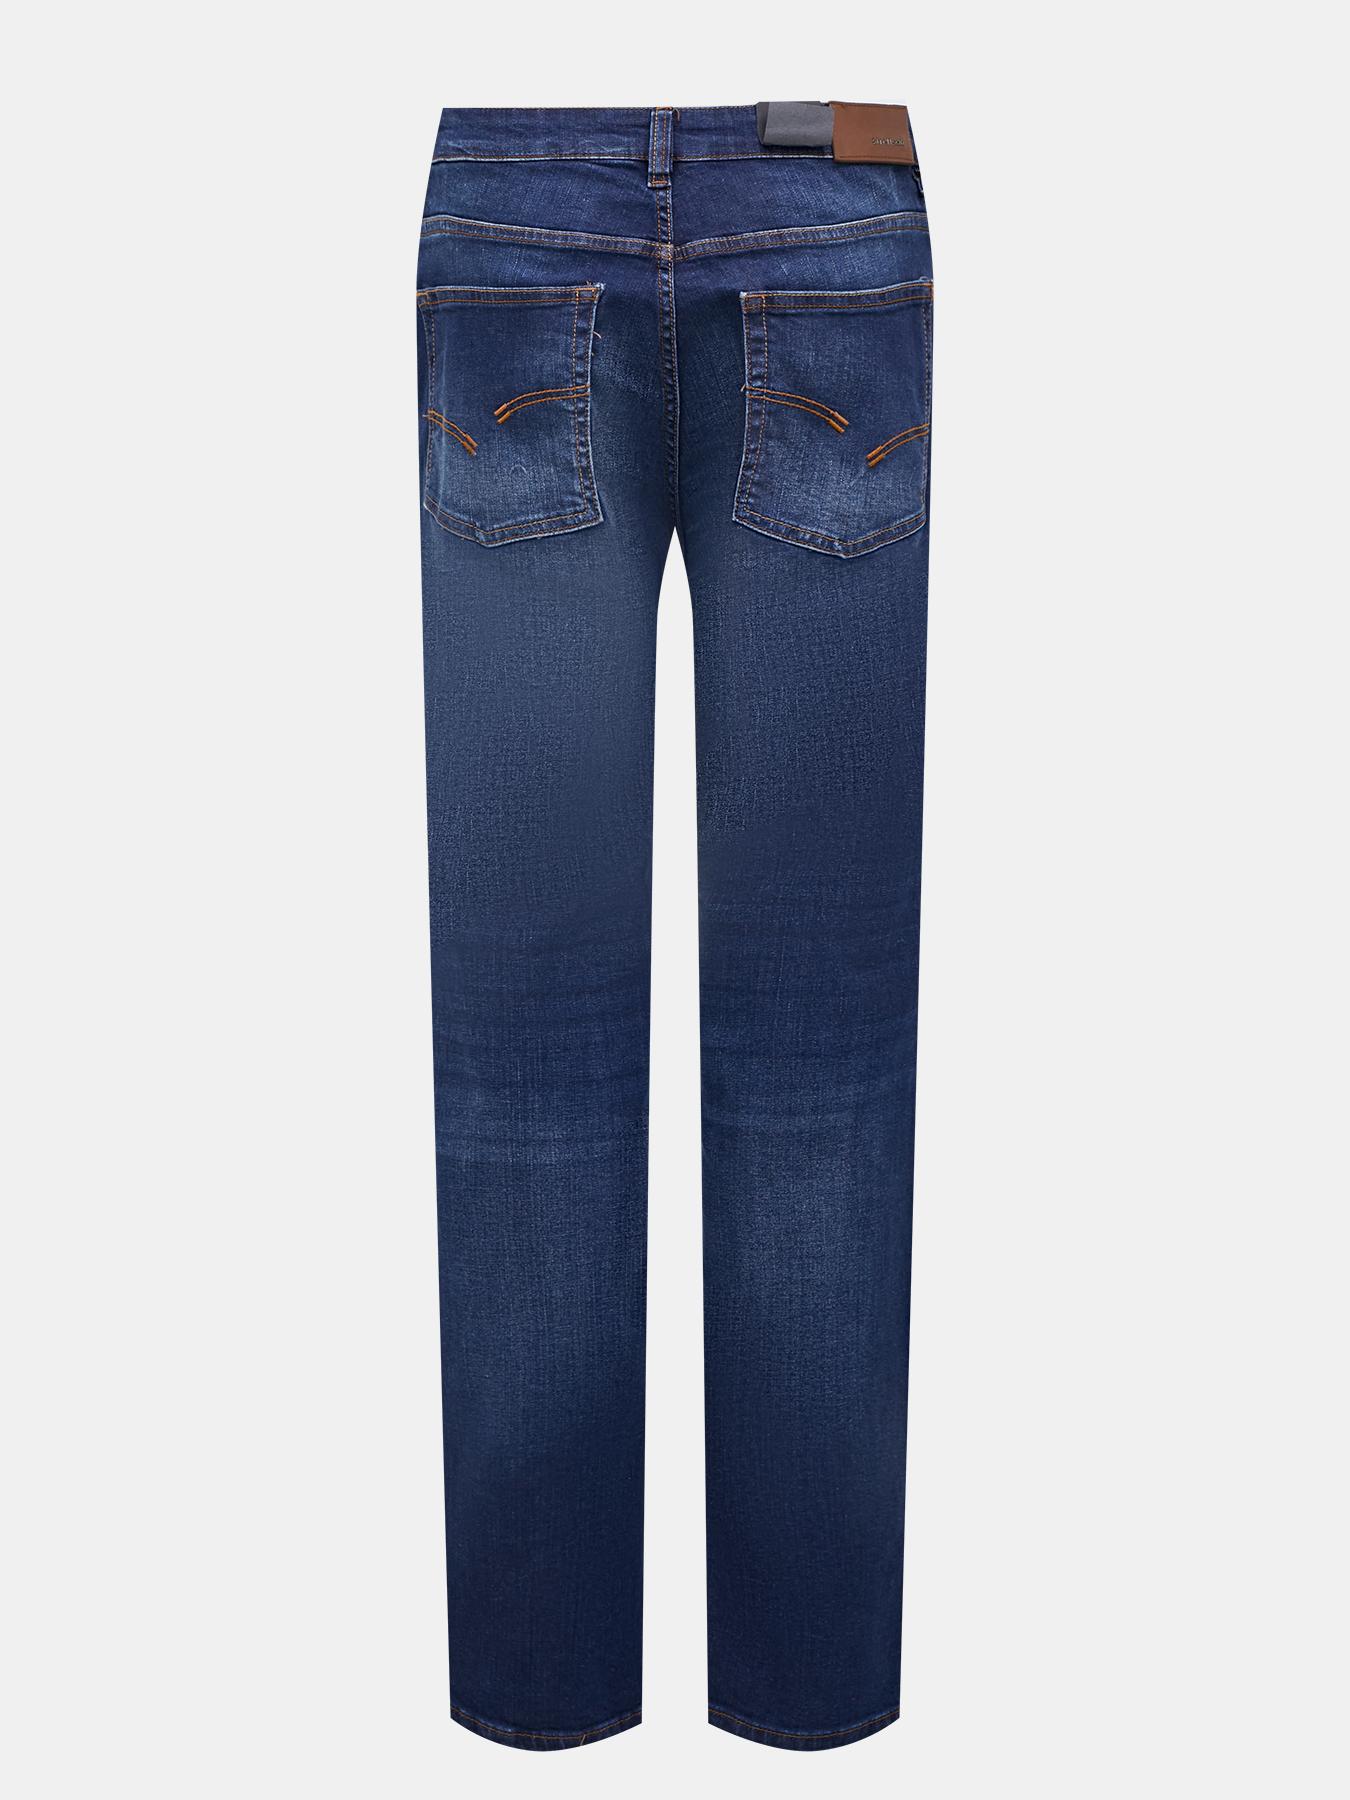 Брюки Strellson Джинсы джинсы wrangler джинсы arizona